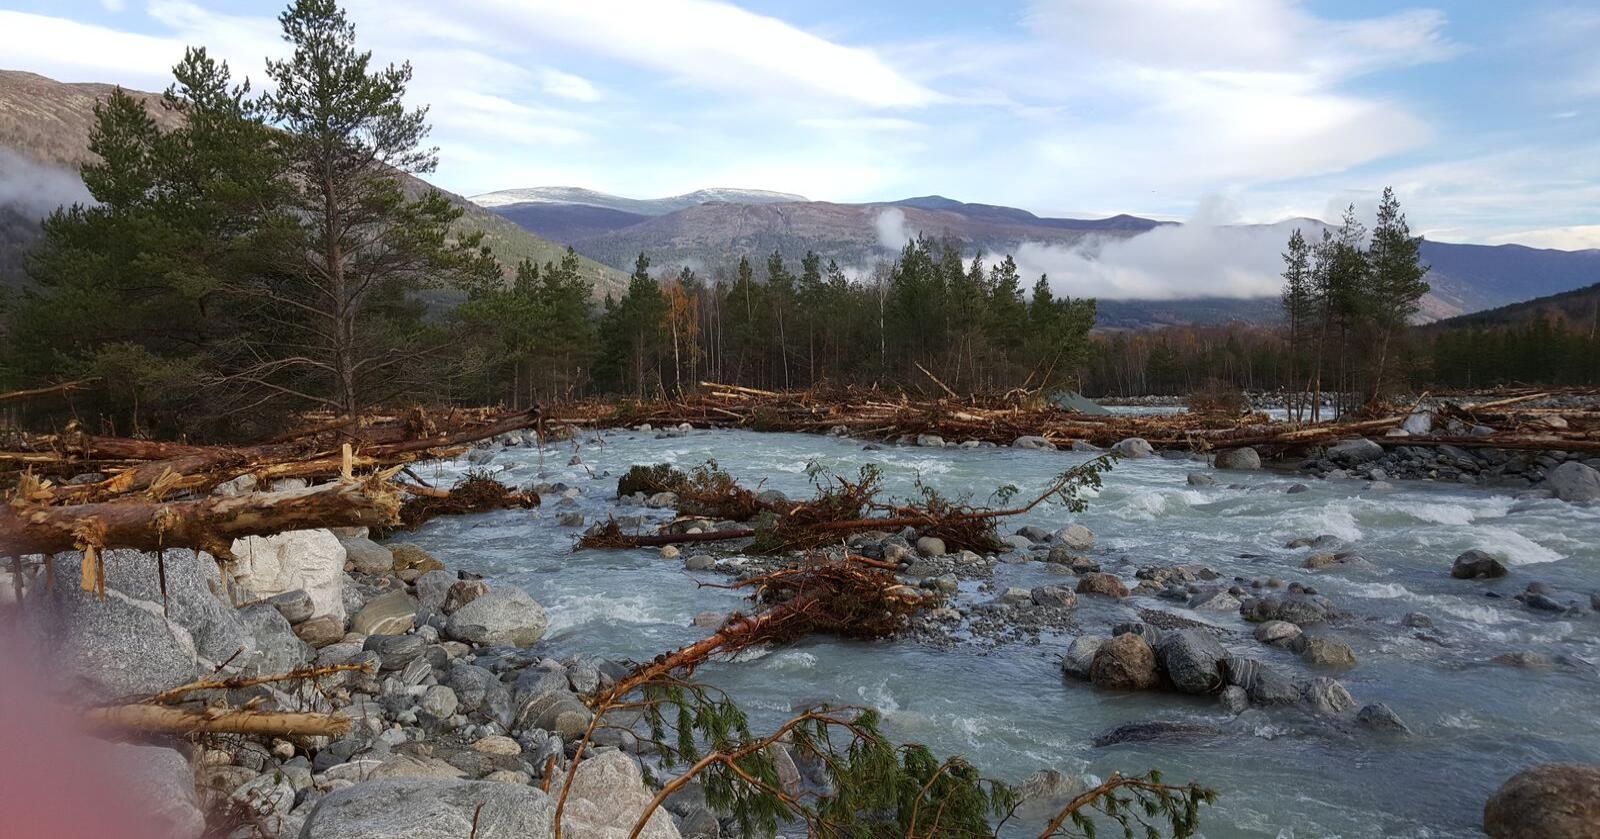 Ulike tiltak kan bidra til å redusere faren for flomskader, skriver NVE. Bildet er fra flommen i Skjåk i oktober 2018. Deler av elva «Skjøla» laget nytt far i flommen. (Foto: Ola Råbøl)